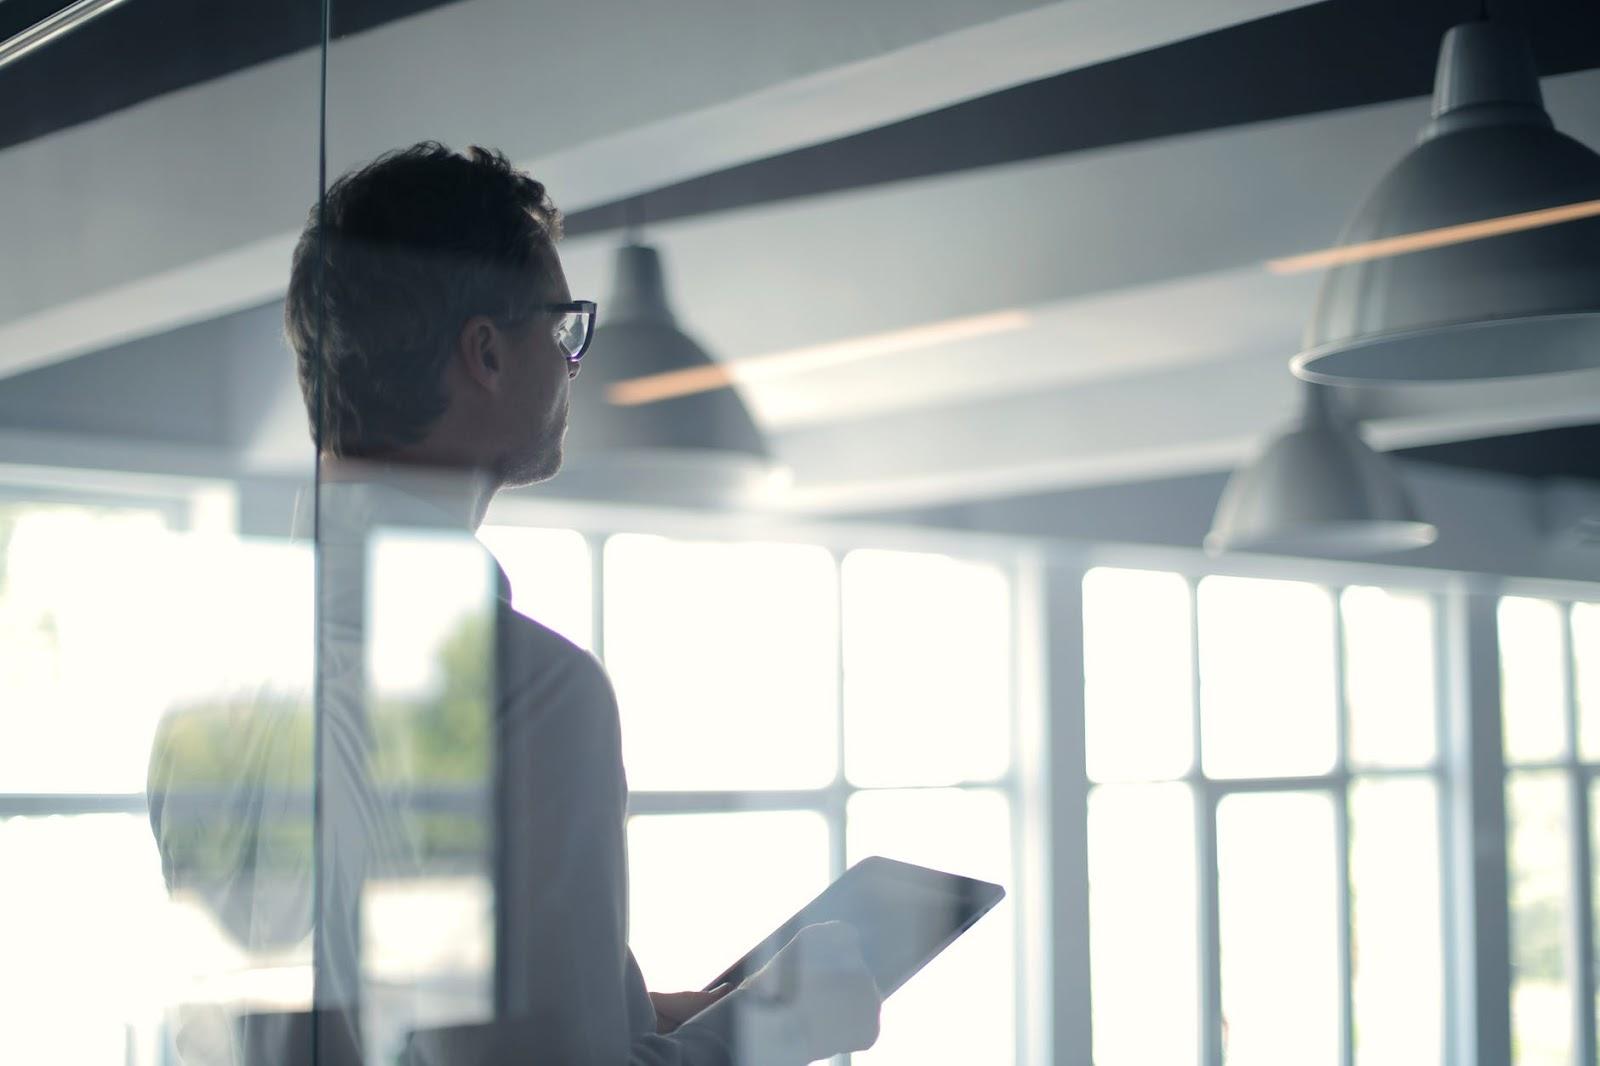 Uma pessoa de costas com um tablet em suas mãos.